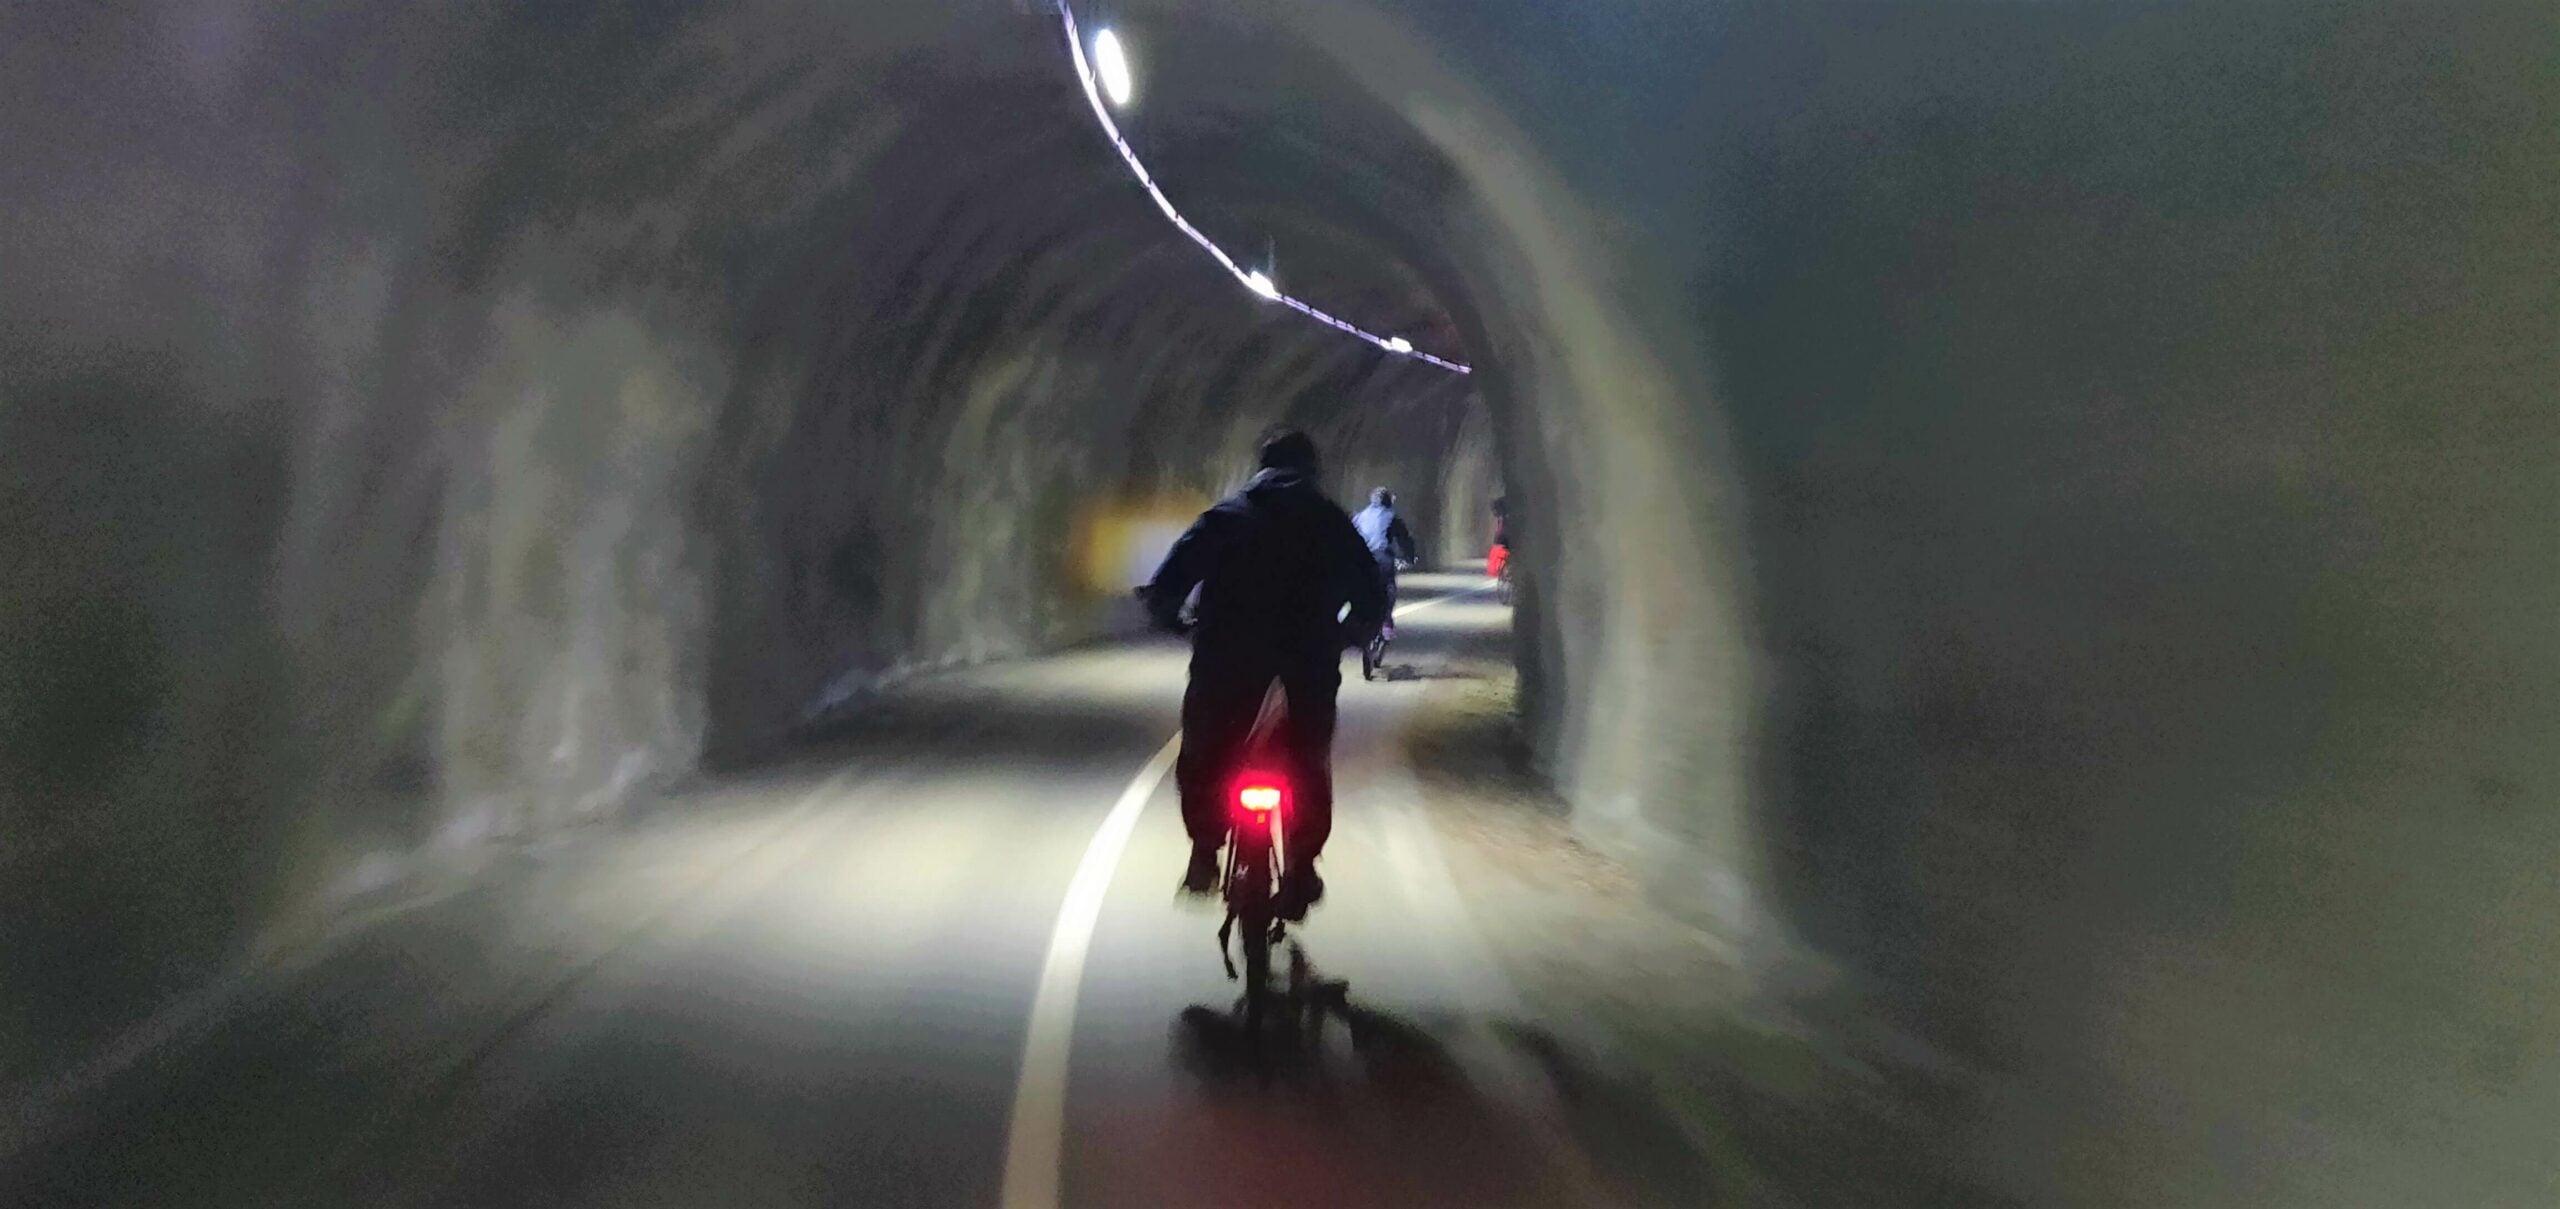 Wycieczka rowerowa - Tunel